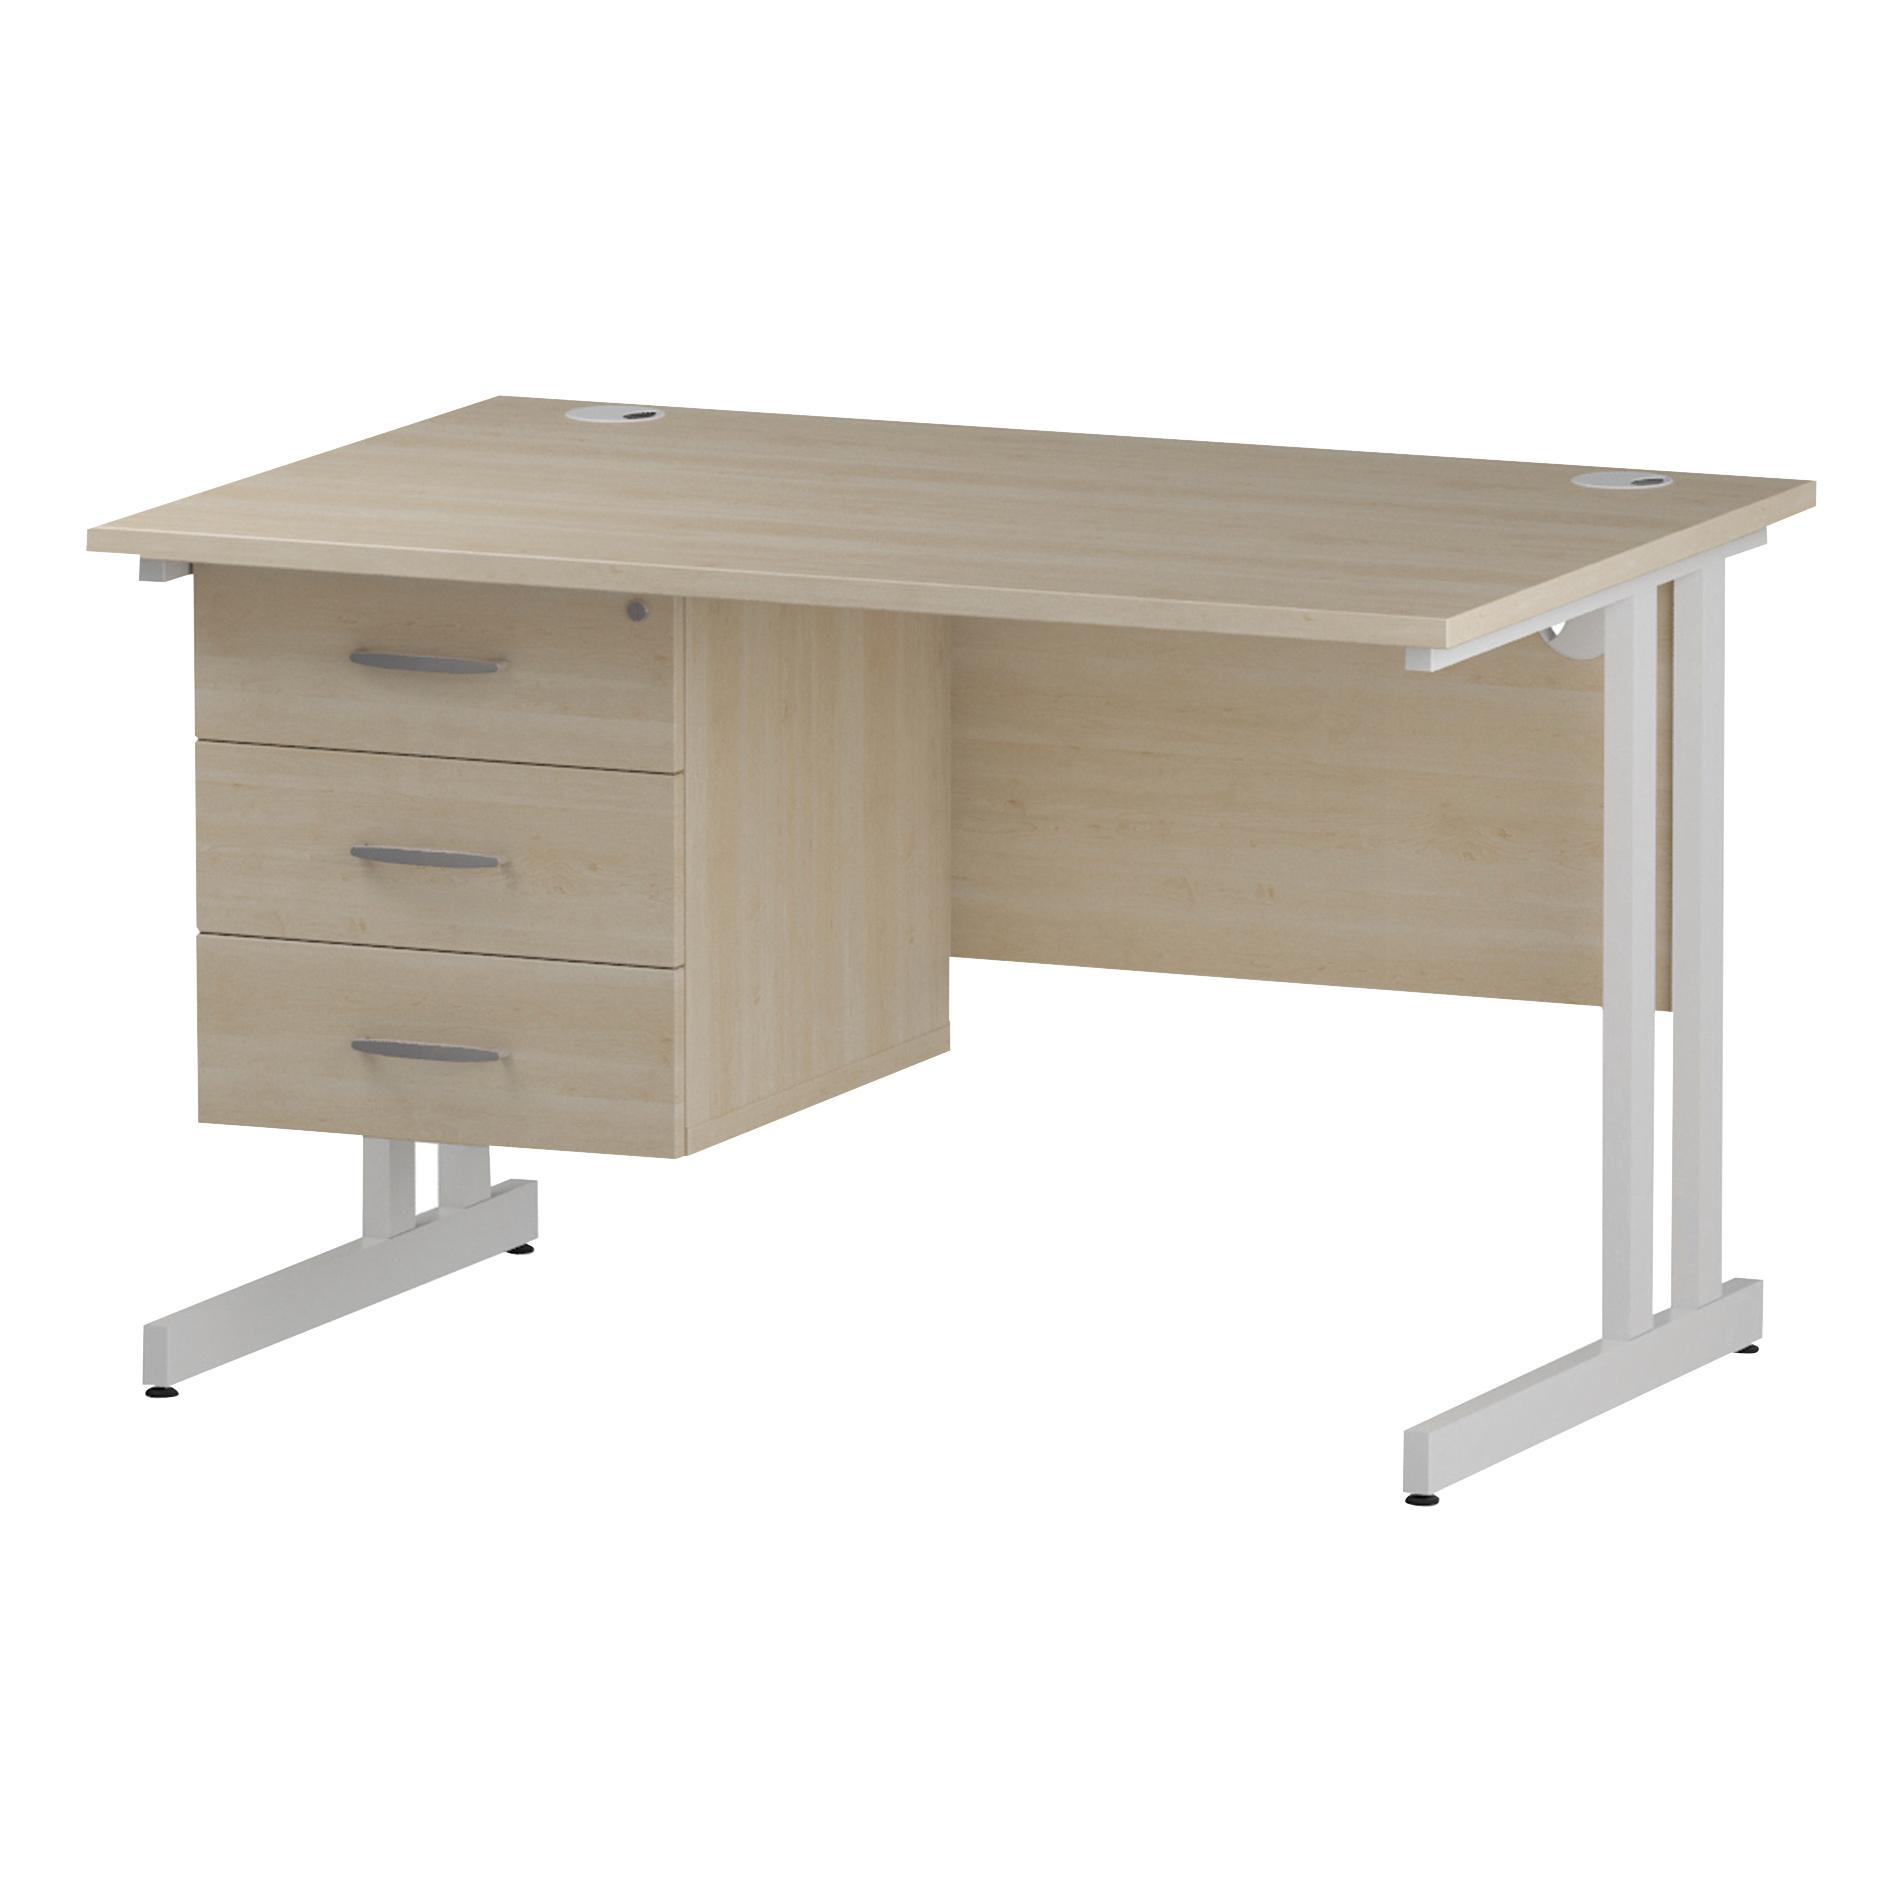 Trexus Rectangular Desk White Cantilever Leg 1200x800mm Fixed Pedestal 3 Drawers Maple Ref I002443